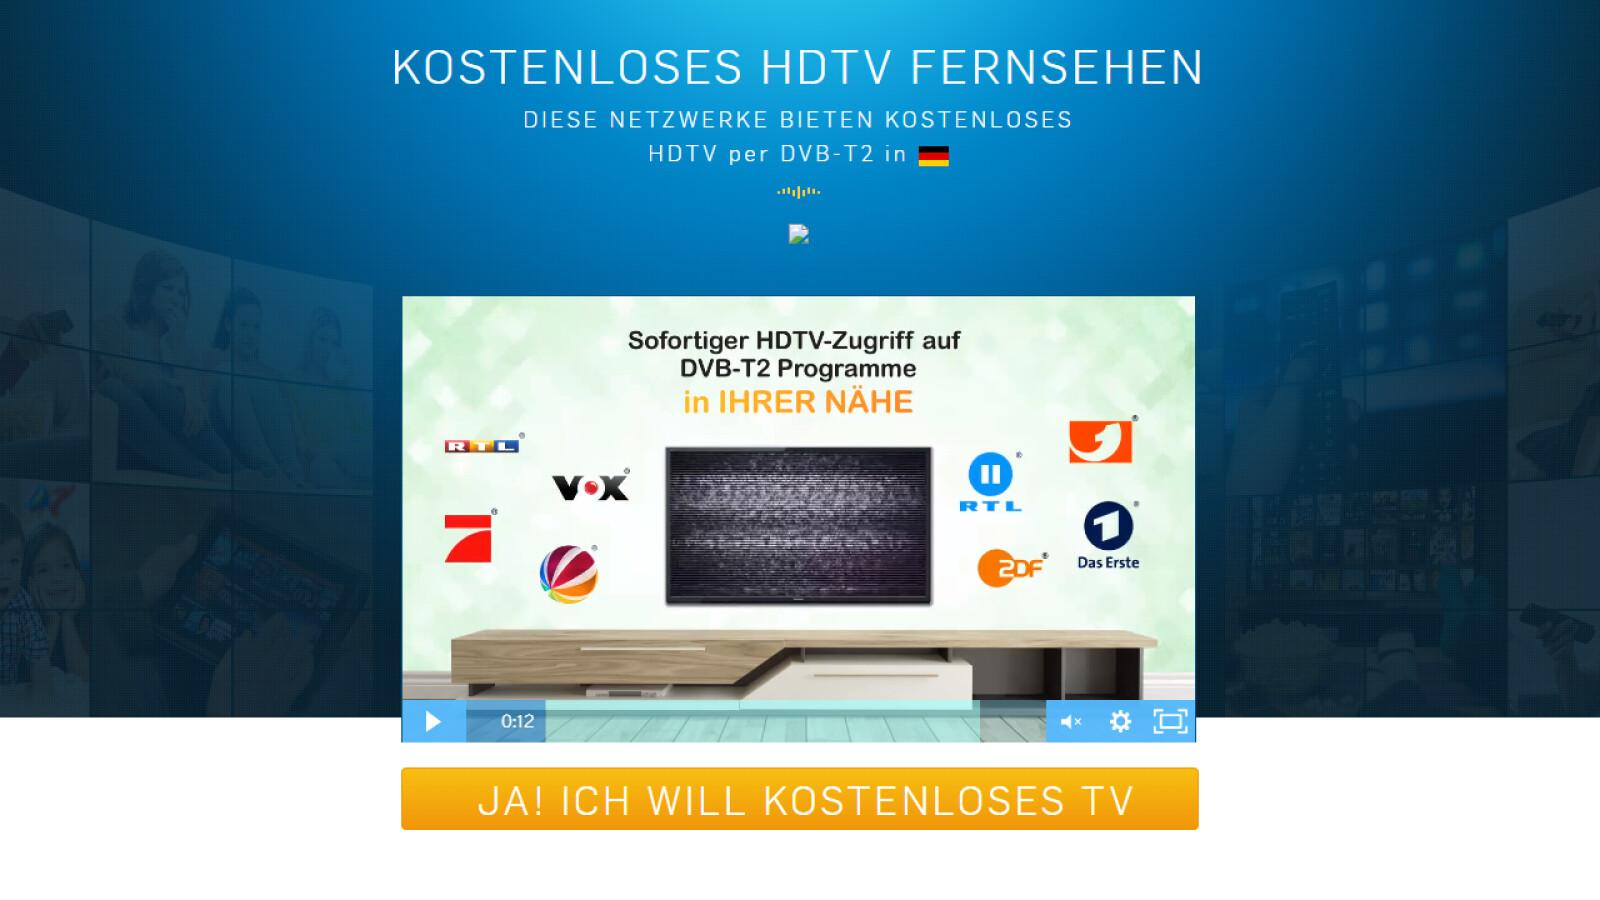 Tvfox Antenne Erfahrung